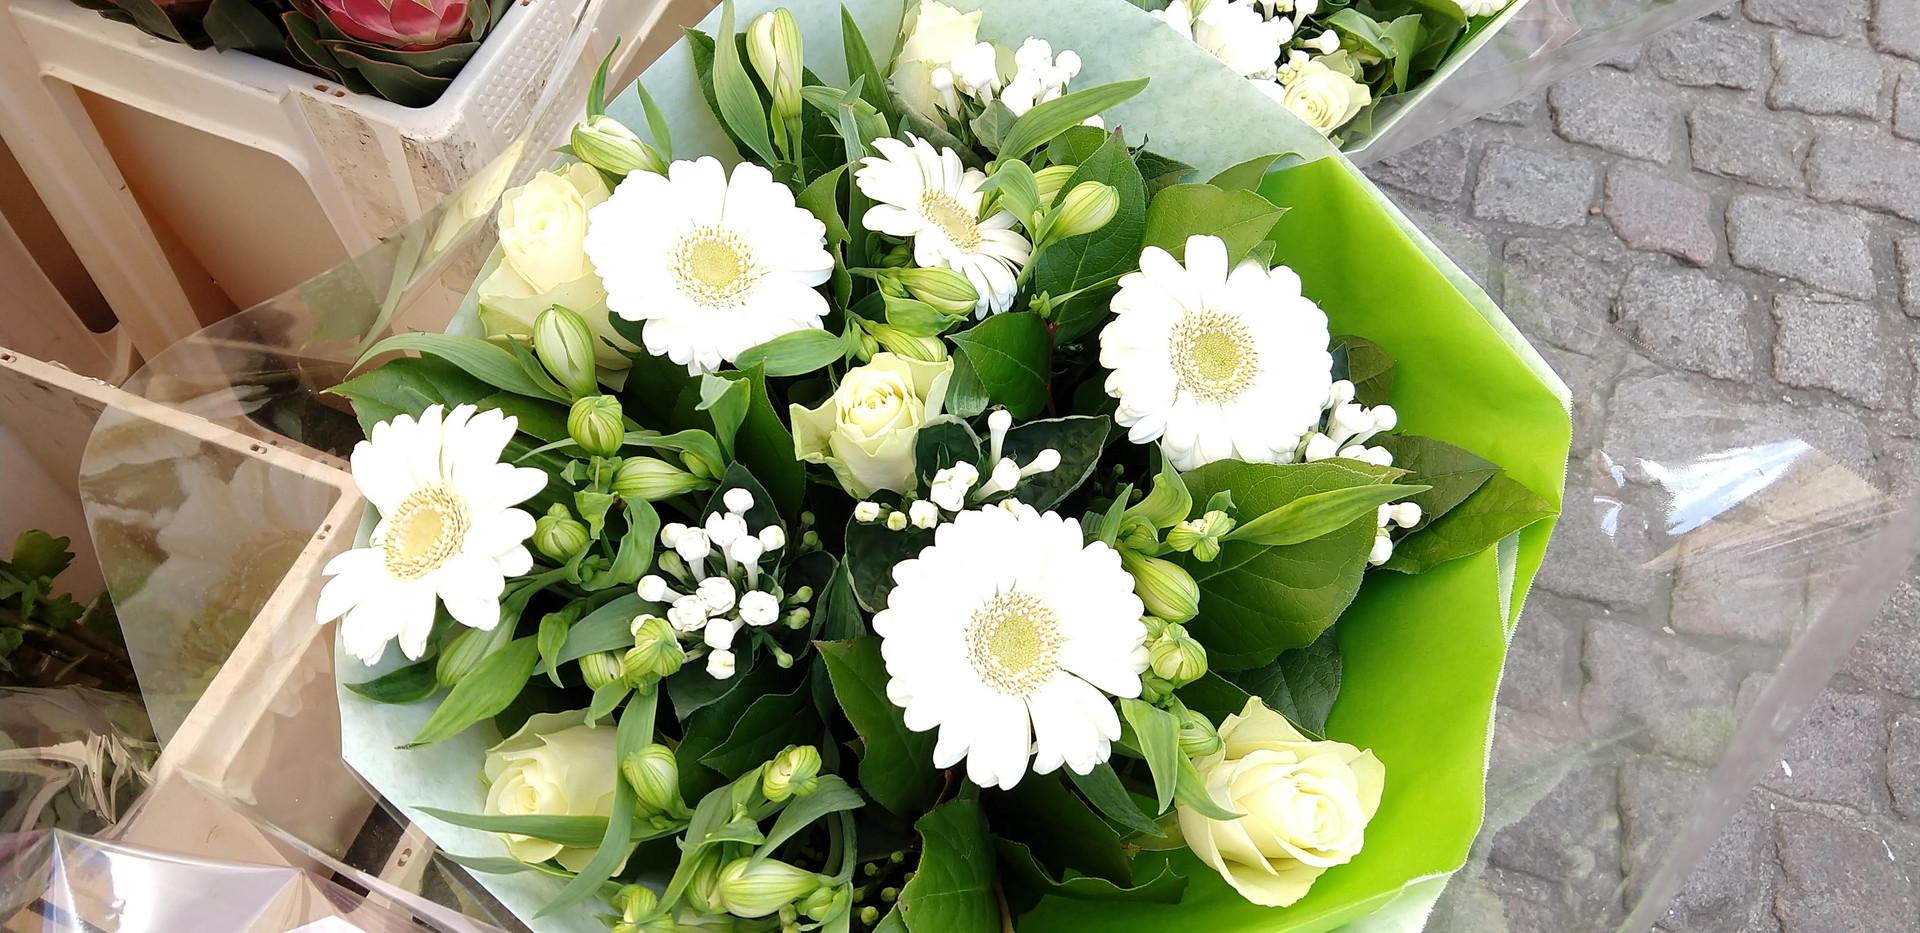 Flowers 16.jpg